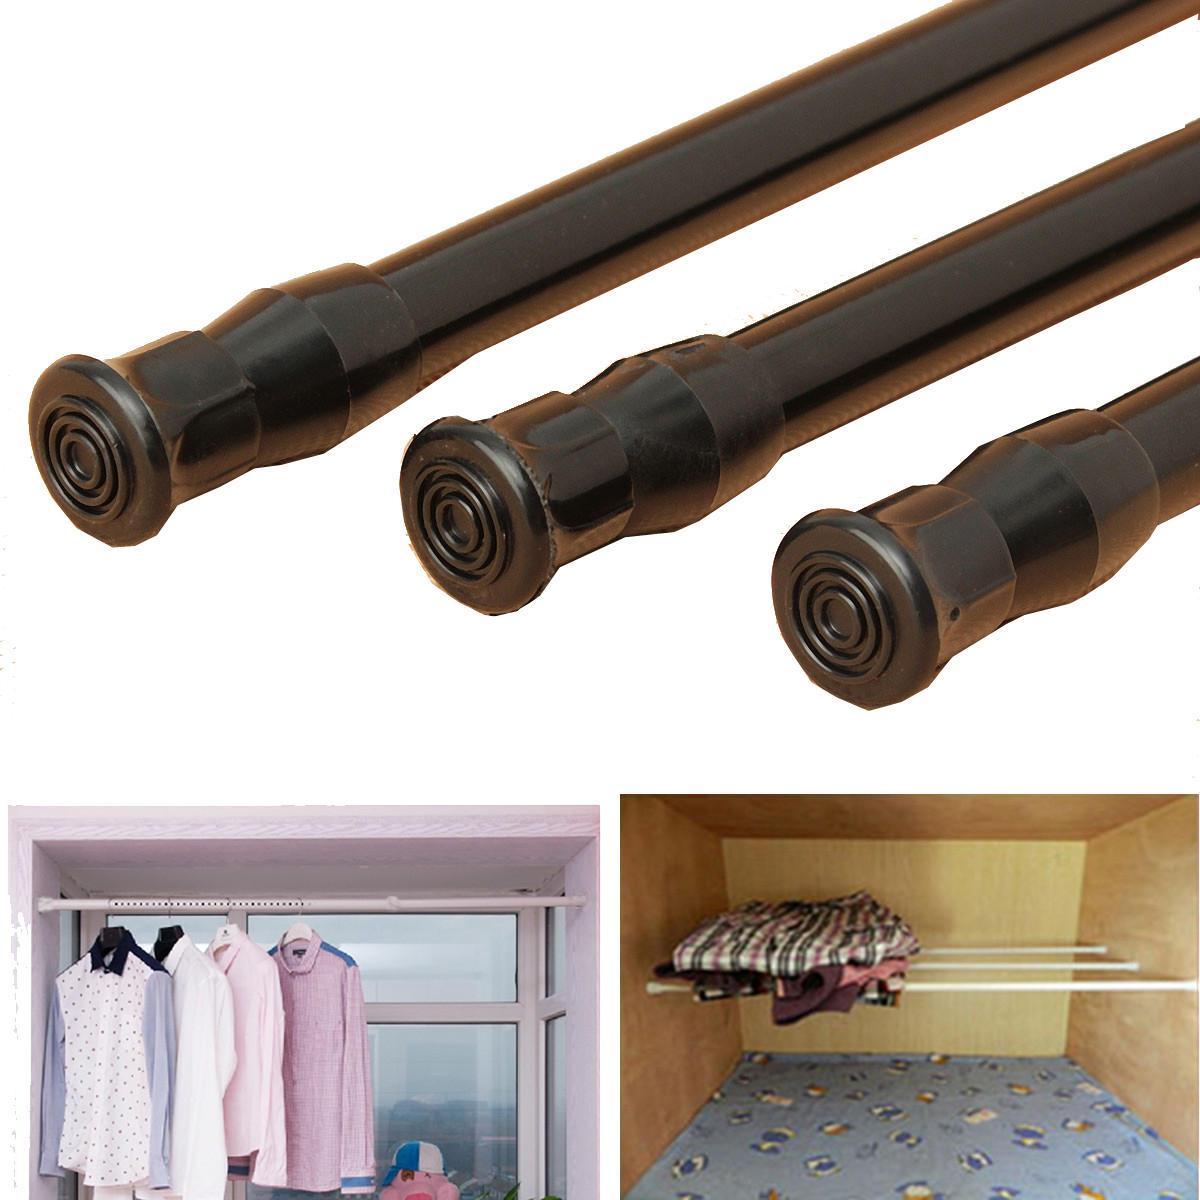 Estensibile finestra tensione della molla regolabile bastone per tende palo doccia asta telescopica bastone per tende